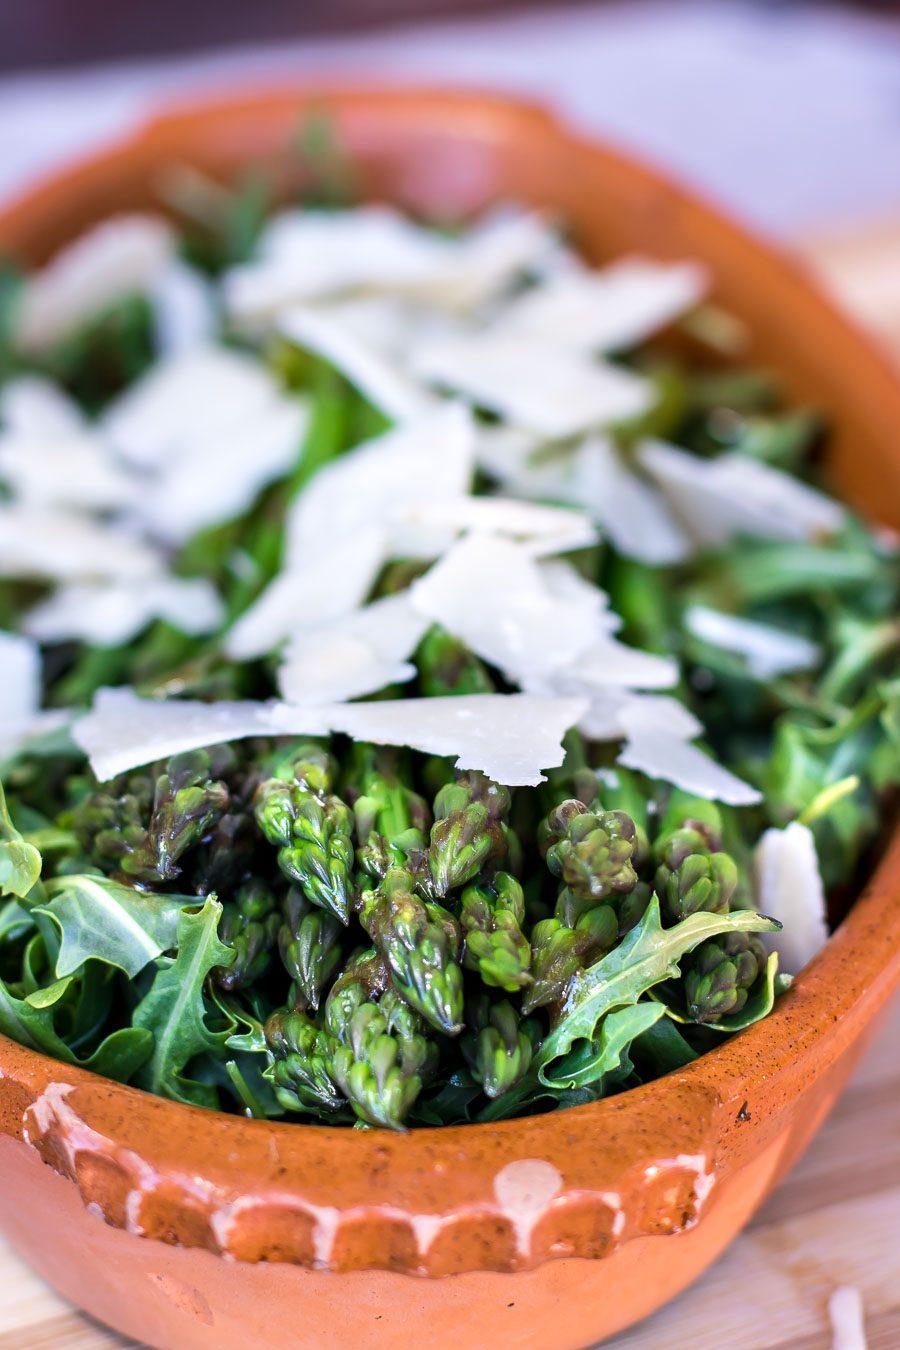 Salat med asparges og parmesan - aspargessalat